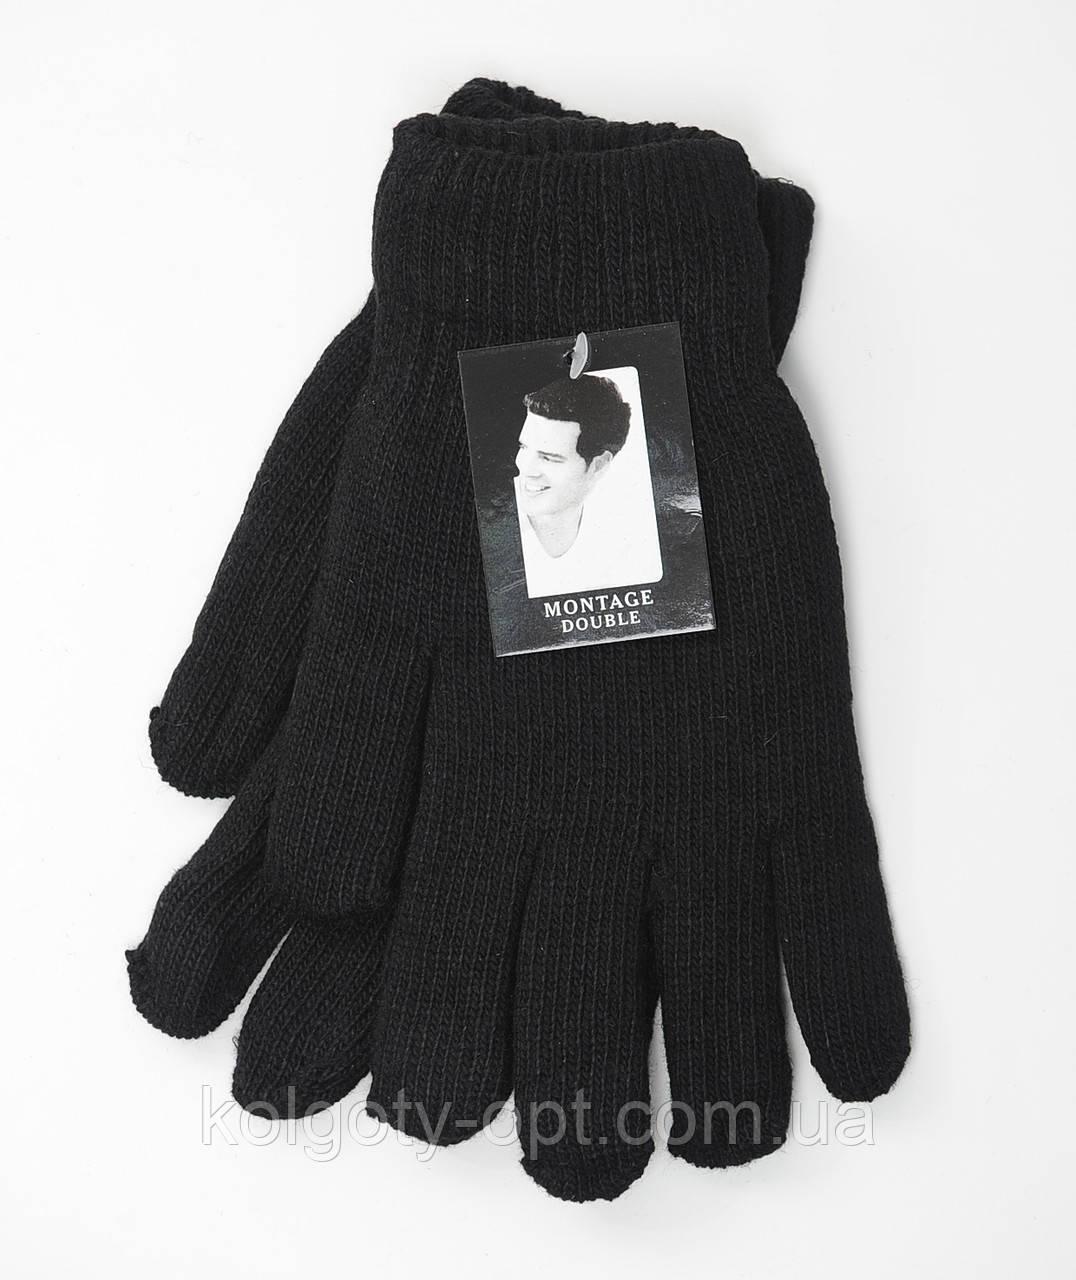 Теплые мужские перчатки двойные вязанные (продаются только от 12 пар)